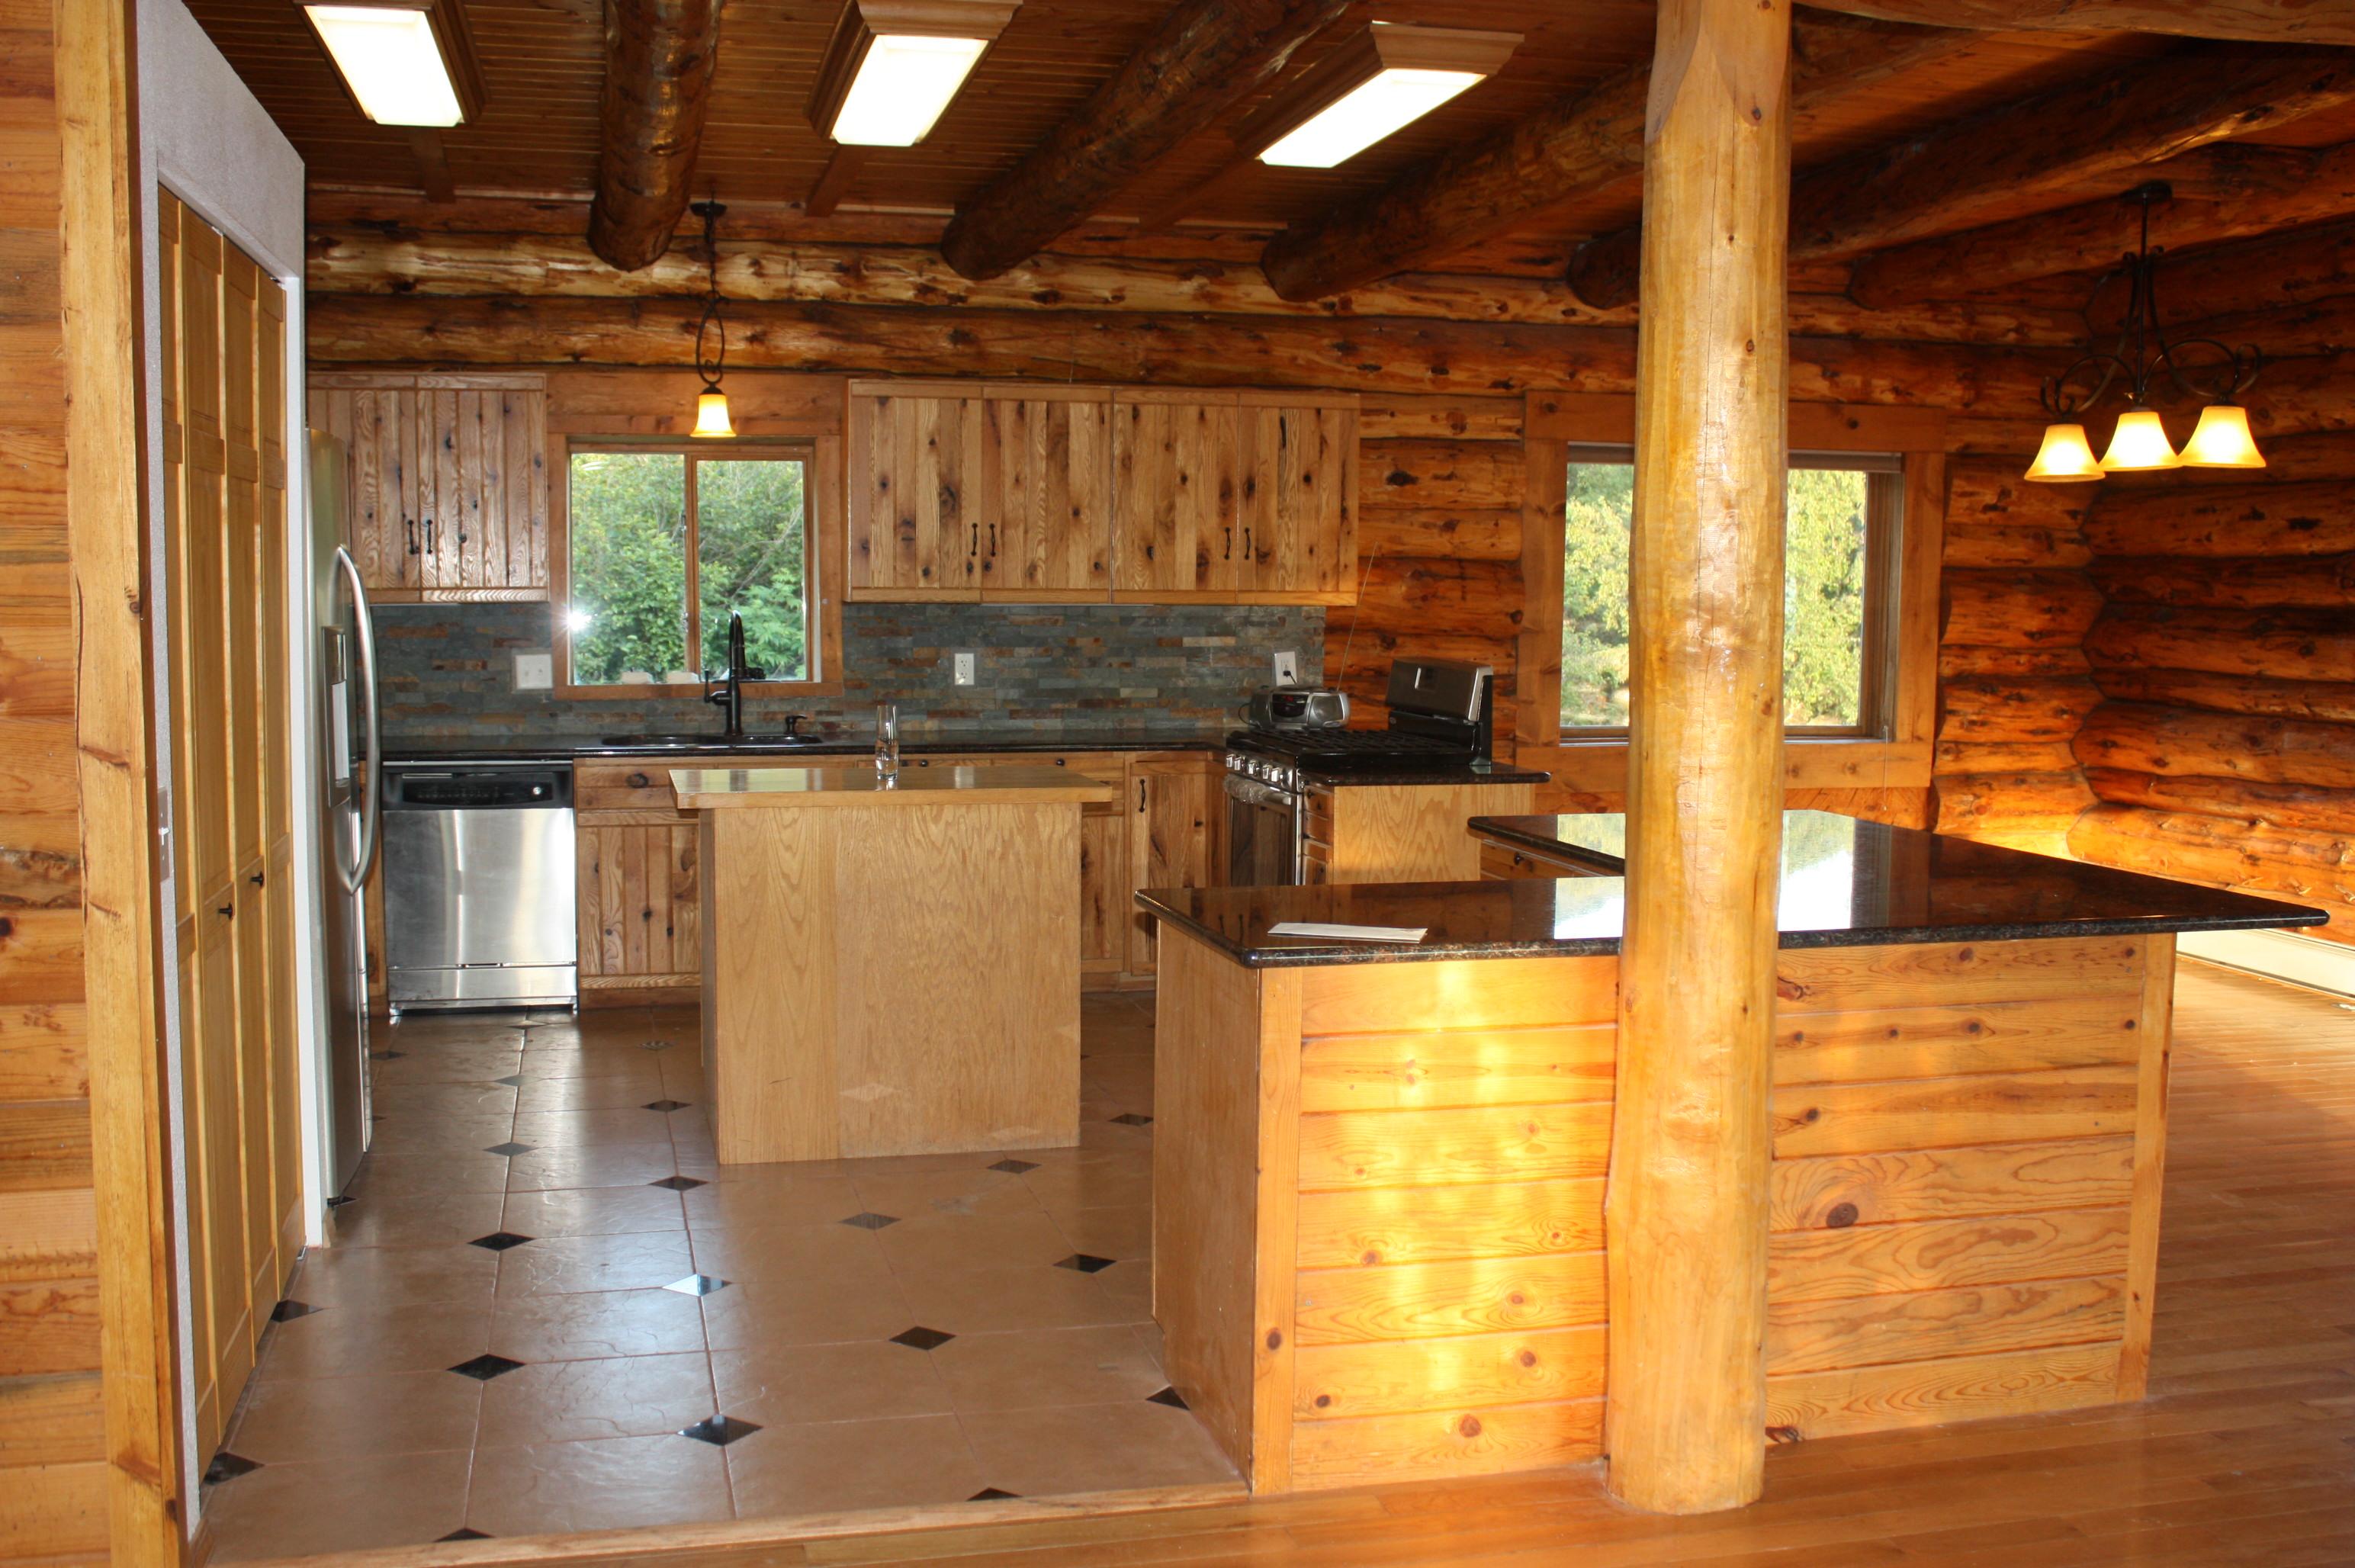 Anchorage kitchen remodel